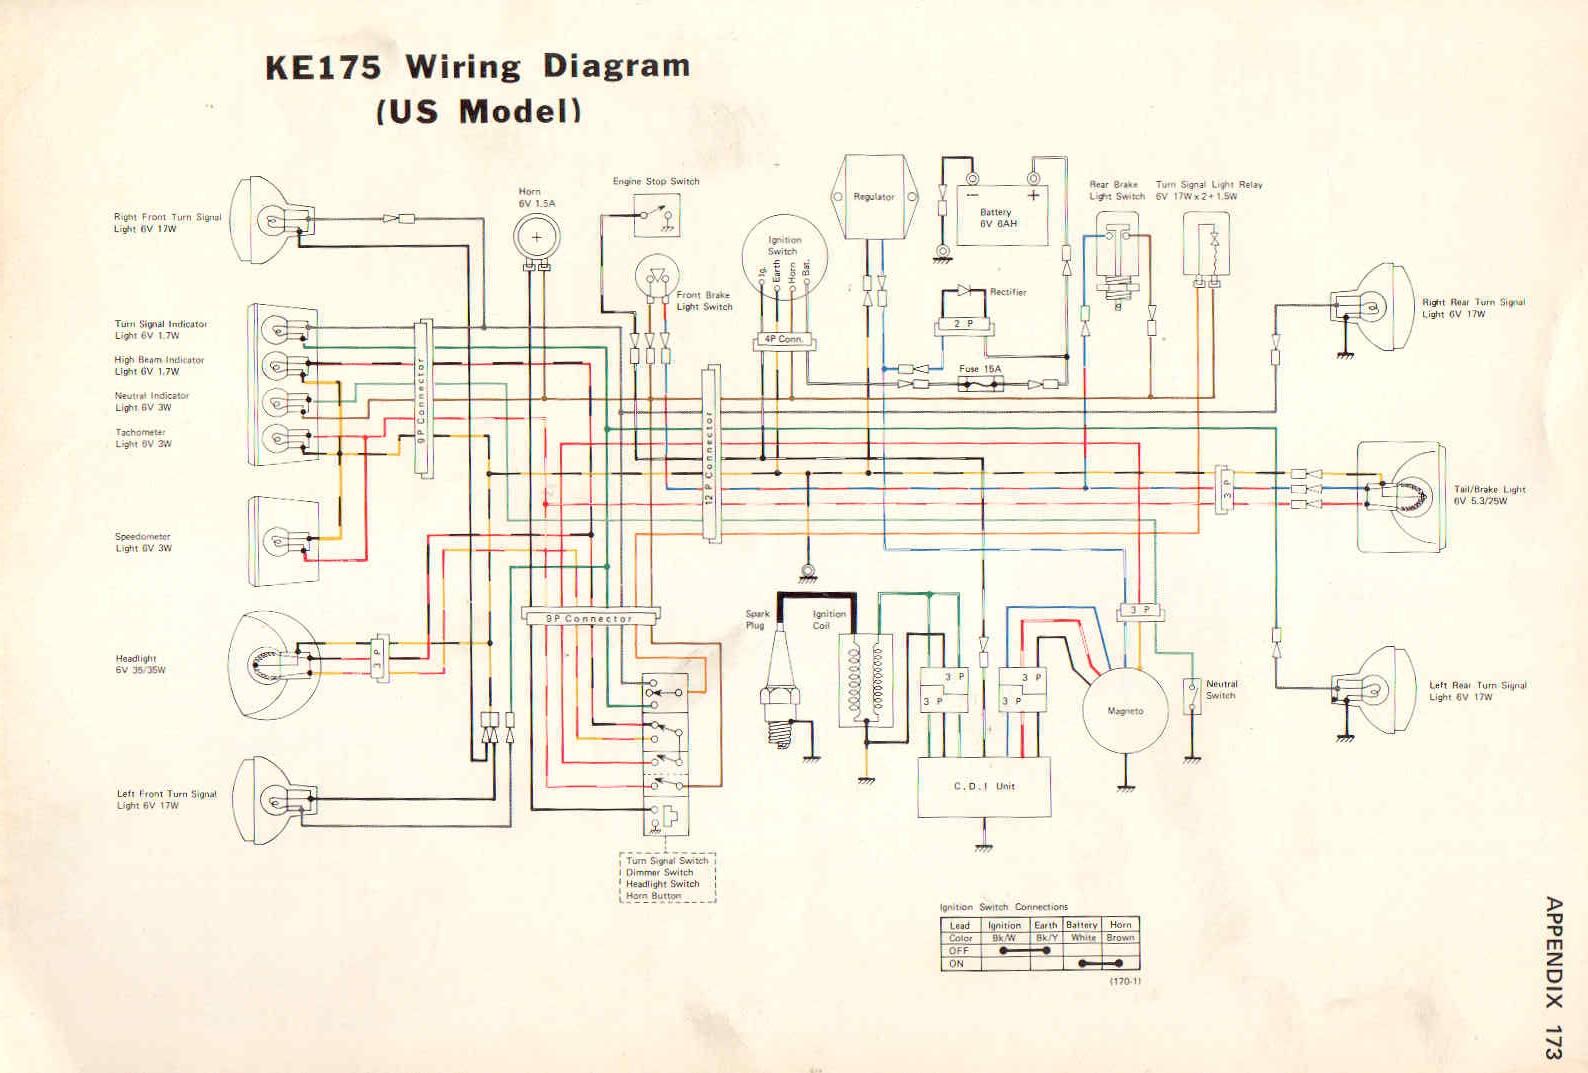 V Star 650 Wiring Diagram - Renault Laguna 2 Wiring Diagram Pdf for Wiring  Diagram SchematicsWiring Diagram Schematics